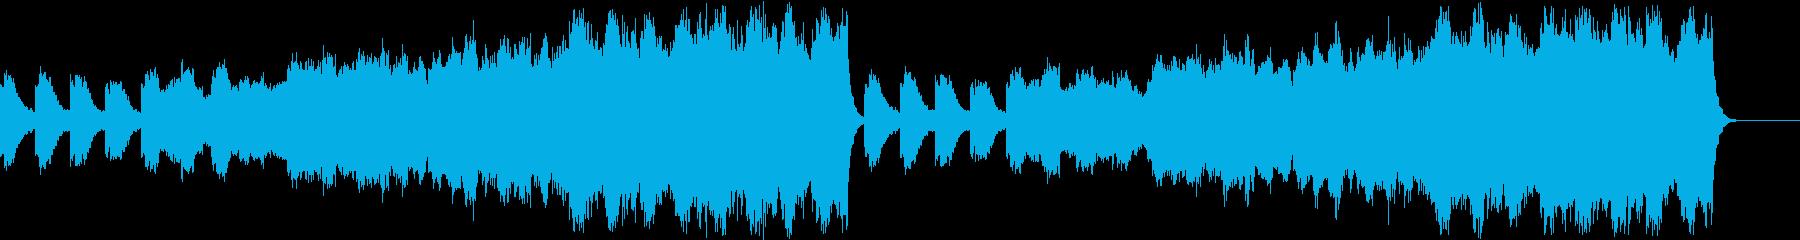 ピアノ+二胡+ストリングス 壮大、悲しいの再生済みの波形